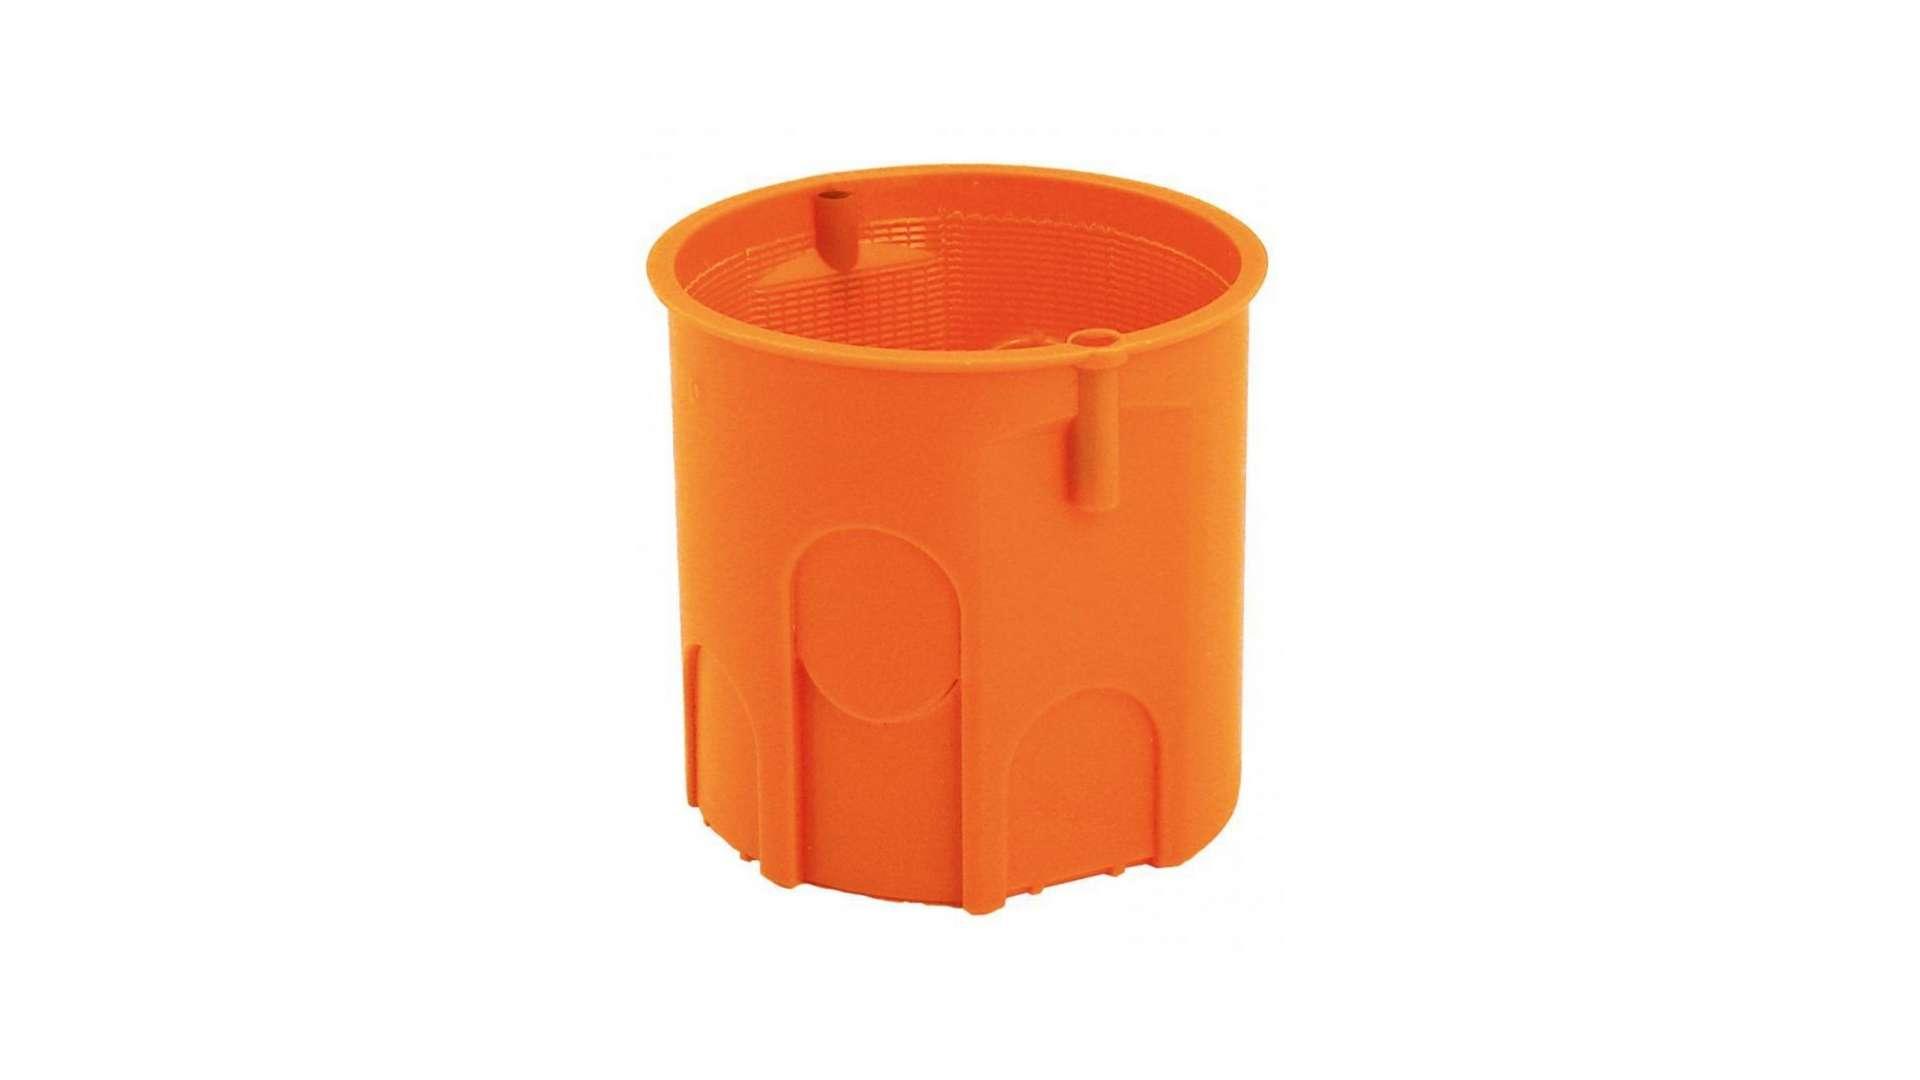 Puszka 60 głęboka zwykła pomarańczowa